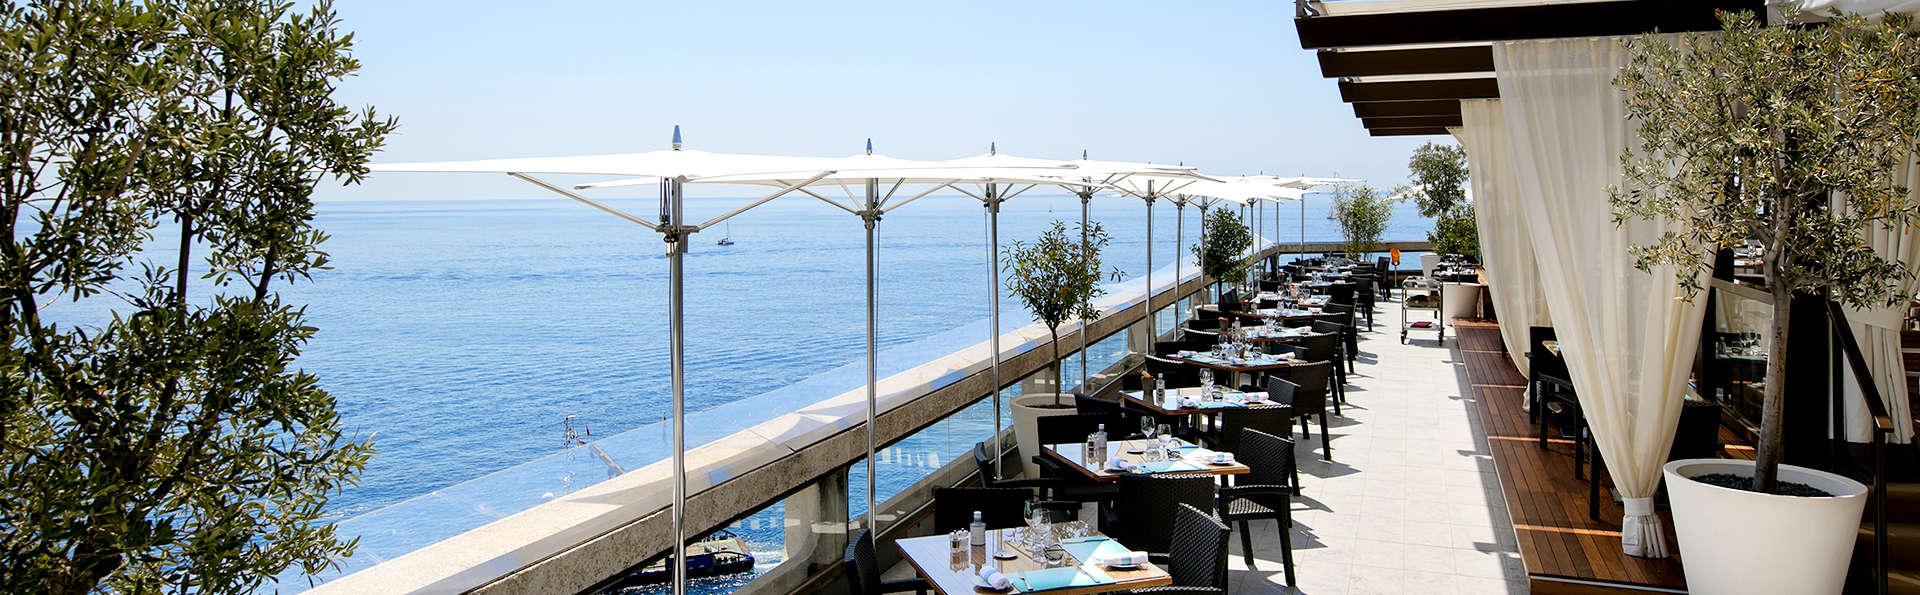 Week-end de luxe avec dîner gastronomique à Monaco